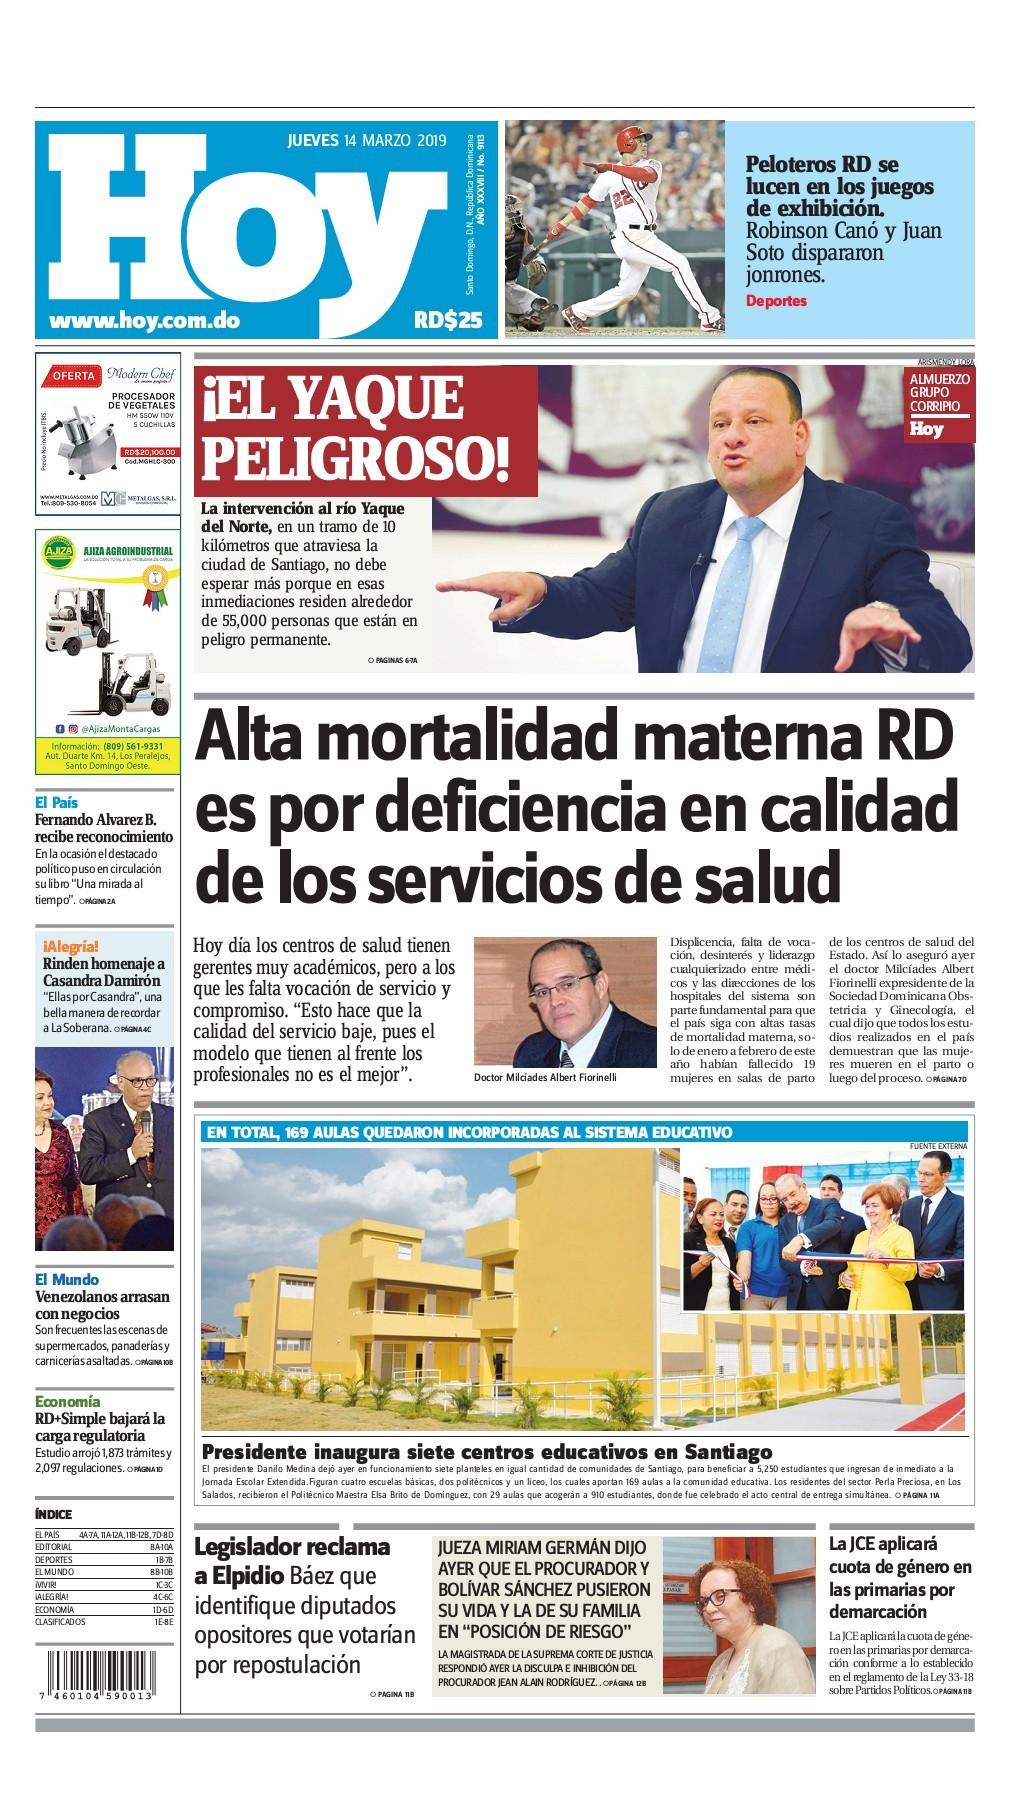 Portada Periódico Hoy, Jueves 14 de Marzo 2019